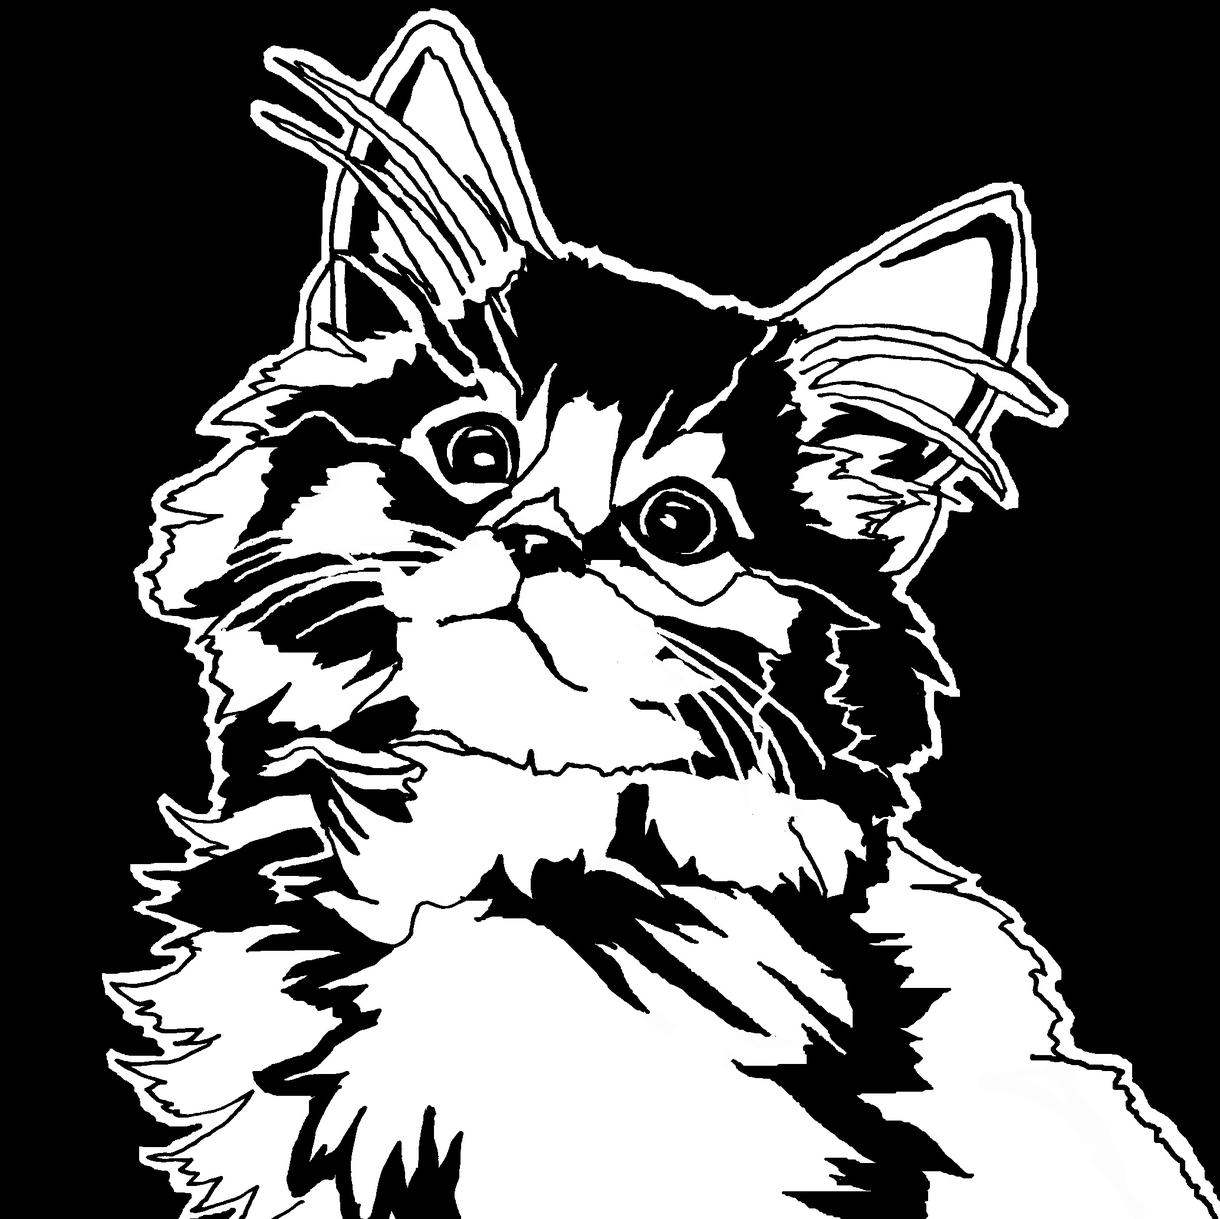 ペットのモノクロスタイリッシュな似顔絵描きます 用途は多数!スタイリッシュな似顔絵をデータにしてお送りします